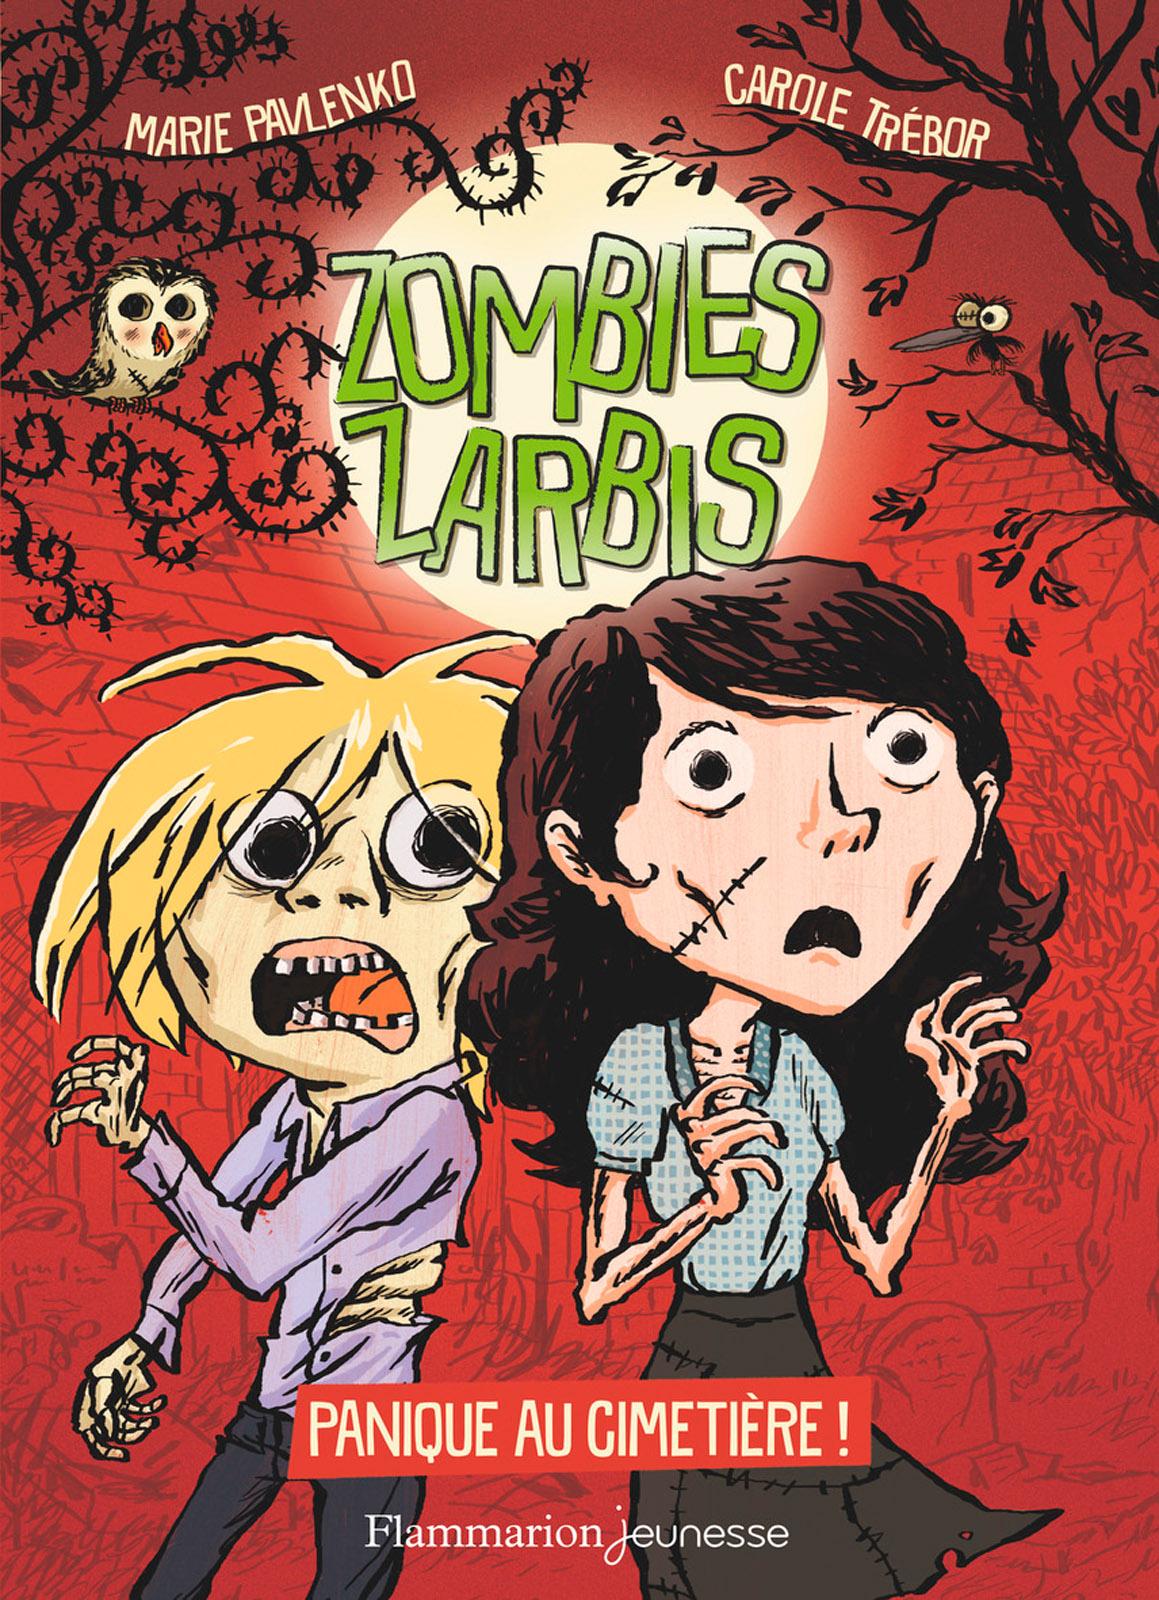 Zombies zarbis (Tome 1) - Panique au cimetière ! | Pavlenko, Marie